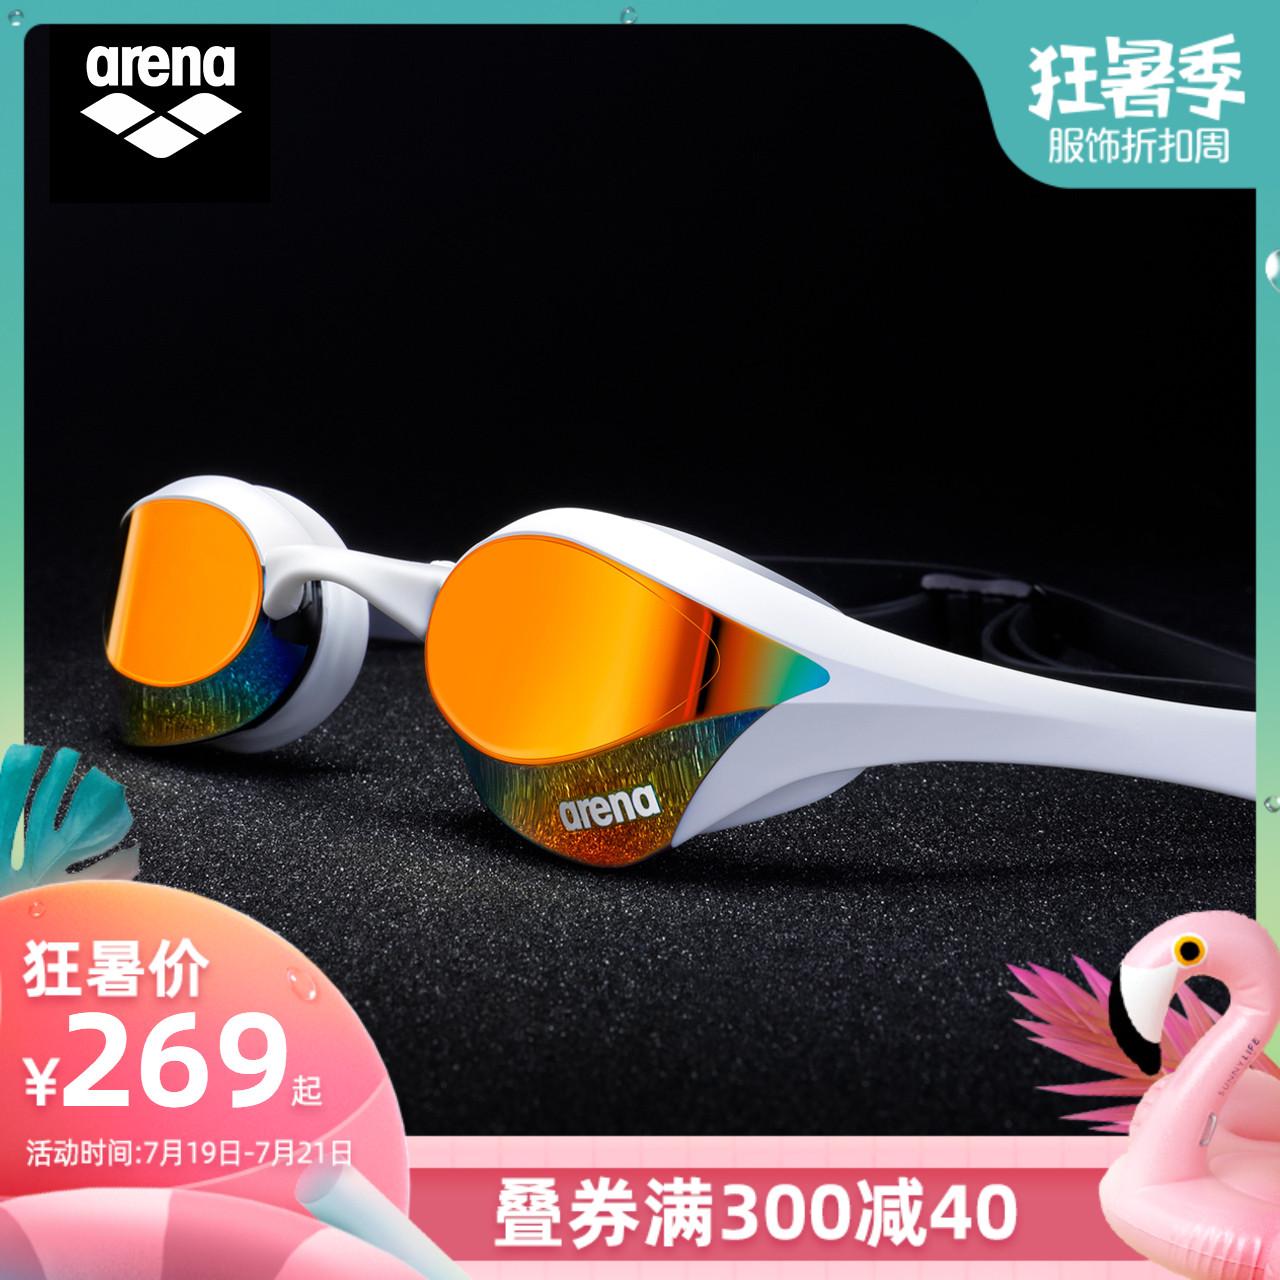 arena阿瑞娜专业眼镜蛇竞技镀膜防雾v专业泳镜泳镜眼镜防水高清